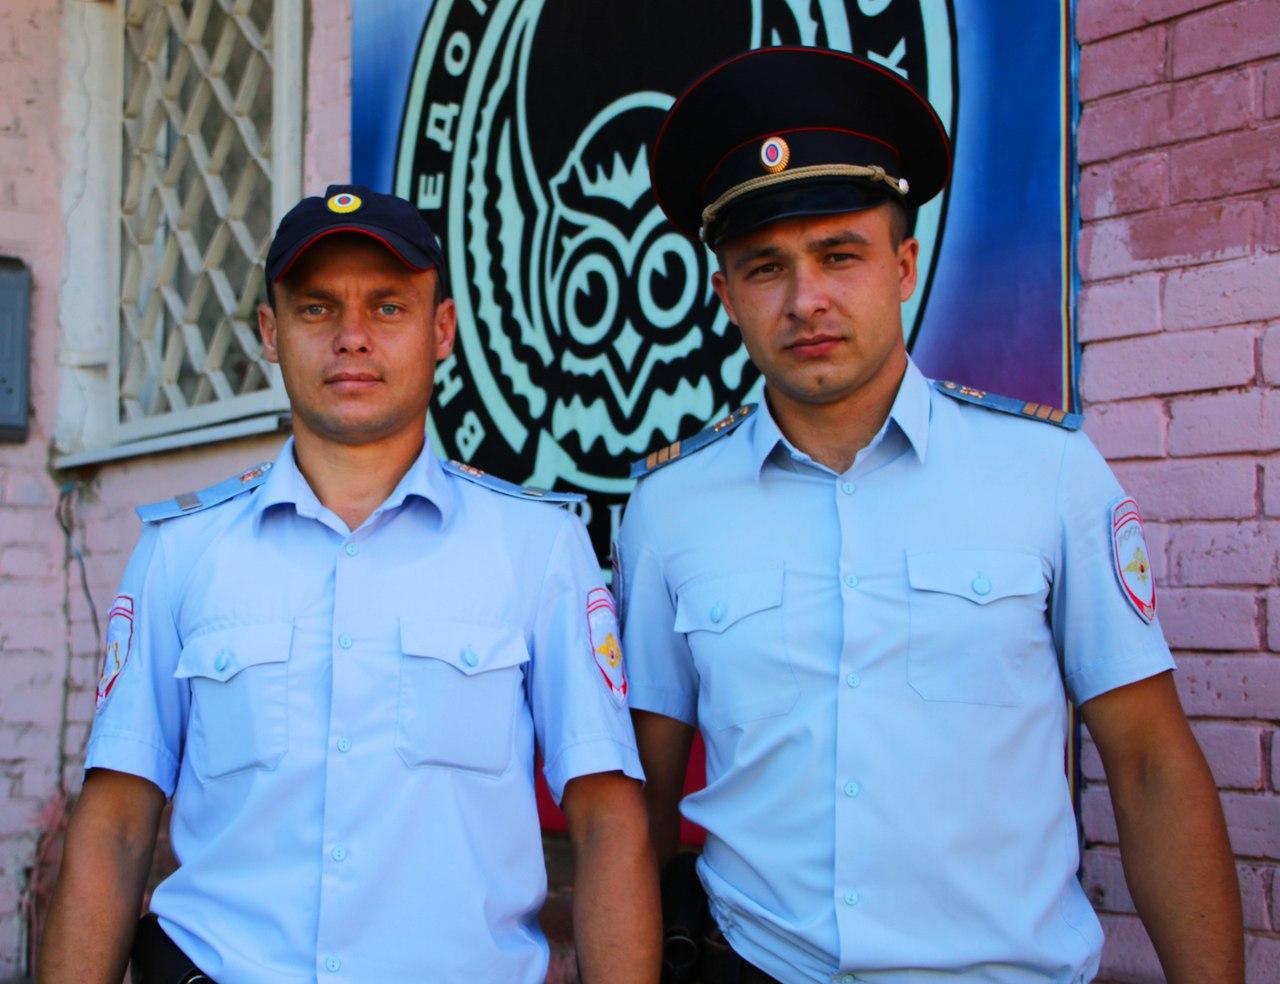 Слева старший сержант Евгений Васильев и справа сержант Сергей Аннушкин